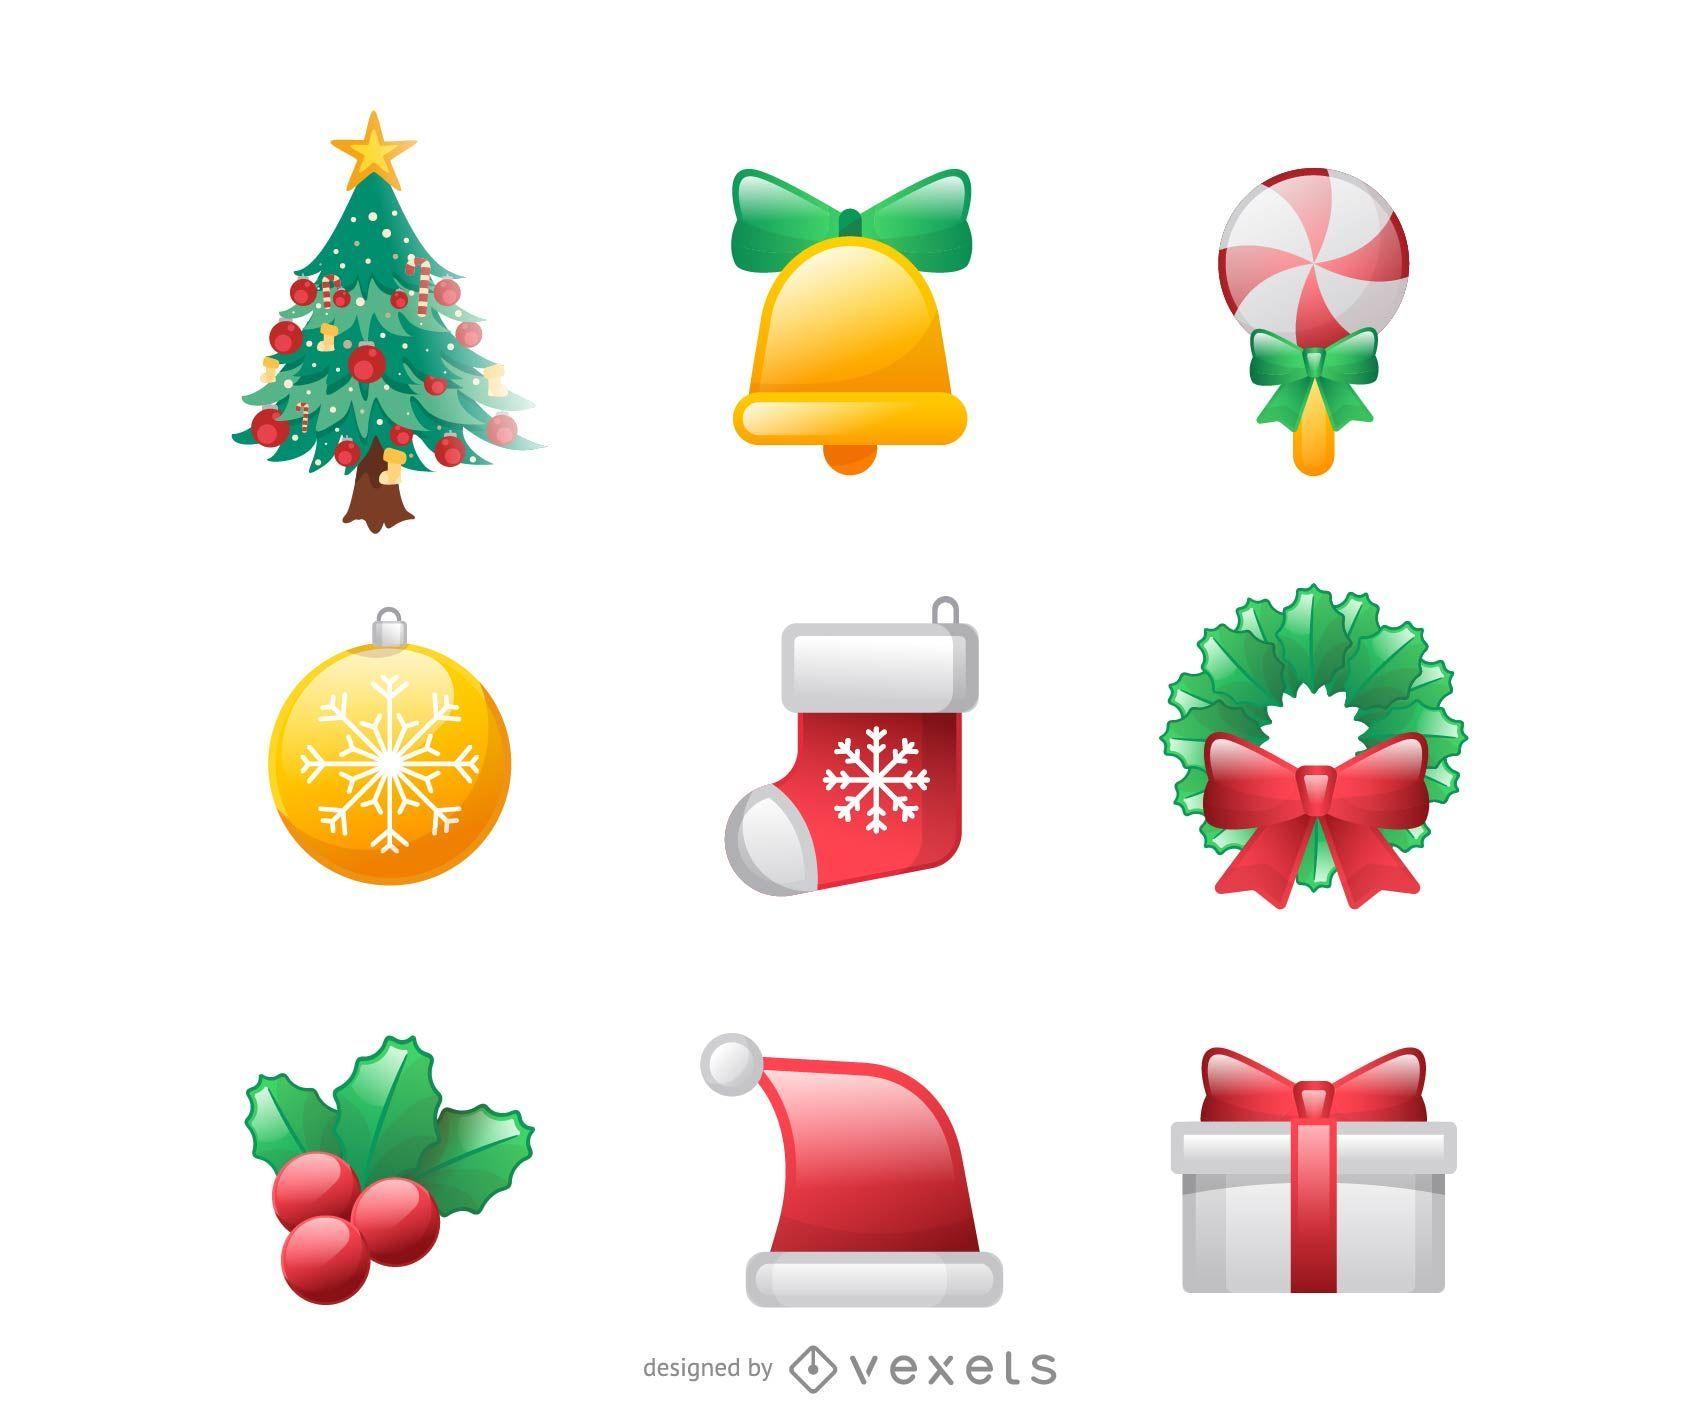 Conjunto de iconos de Navidad de estilo funky 3D